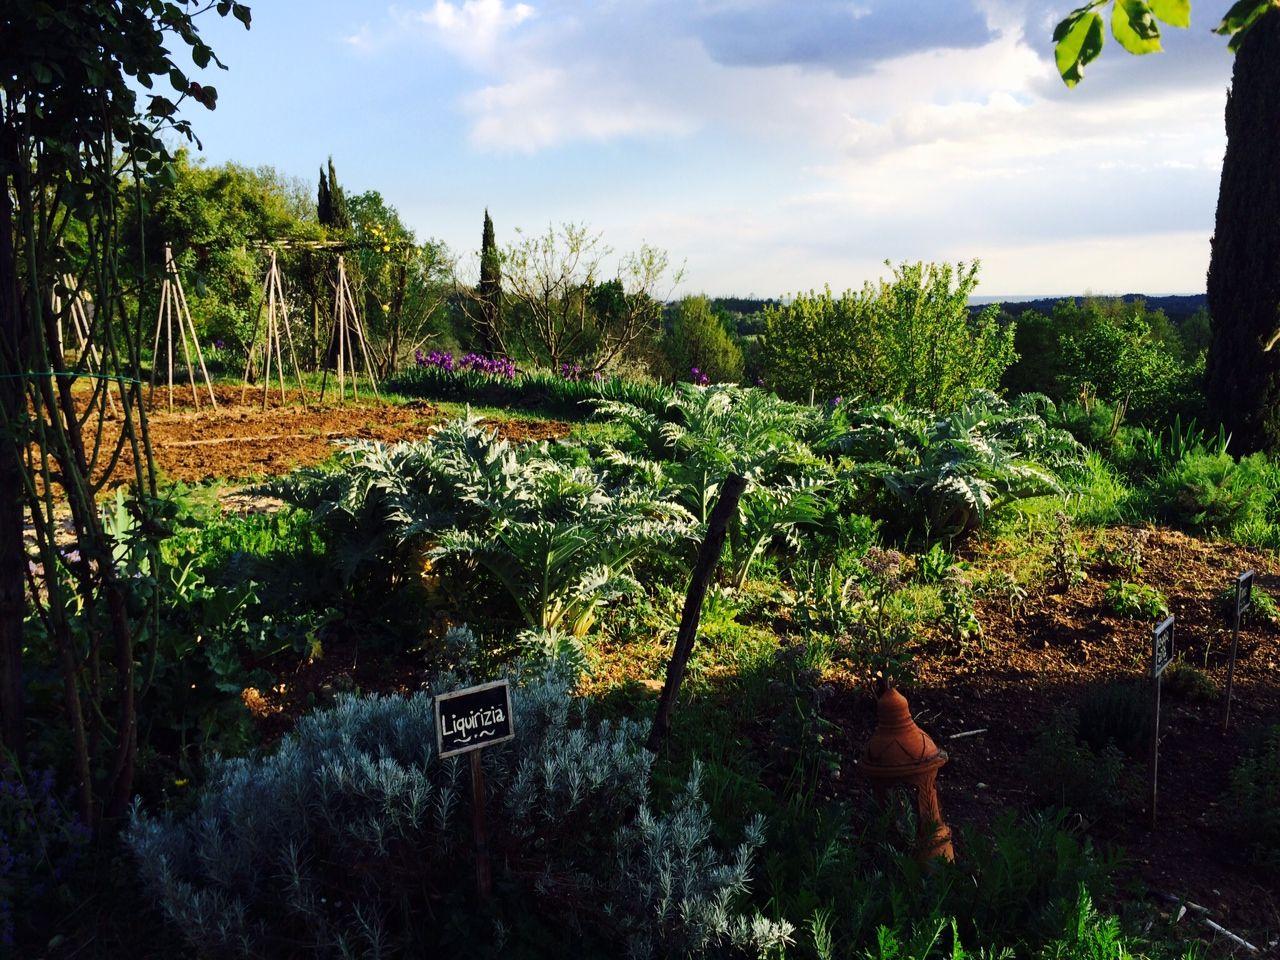 Fiori Da Piantare Nell Orto con la primavera, sono iniziati i lavori nell'orto, il